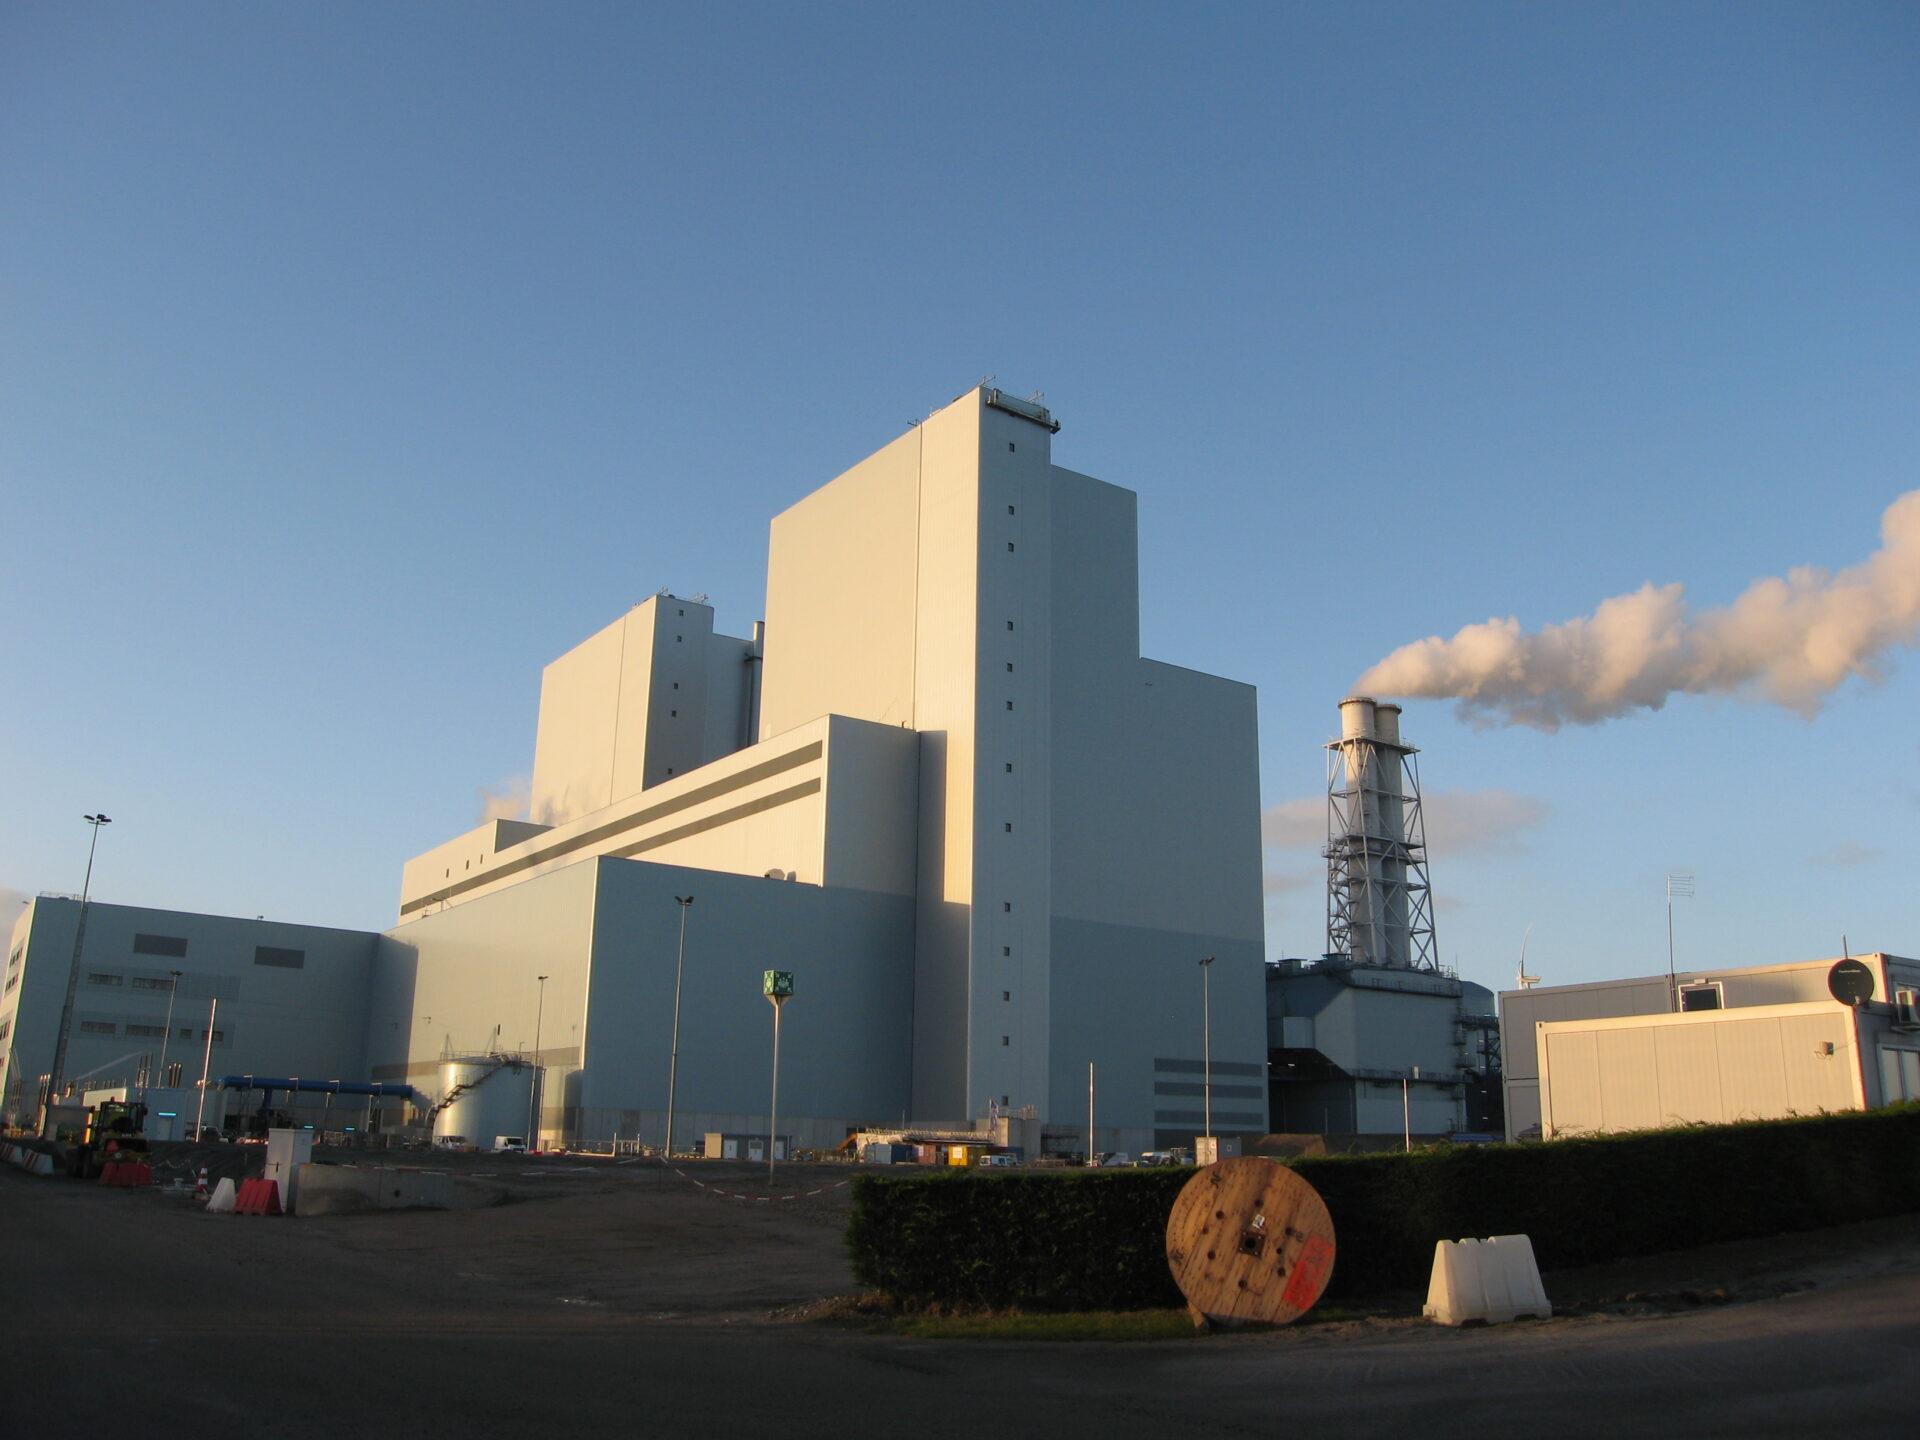 Energiecentrale RWE Eemshaven 04